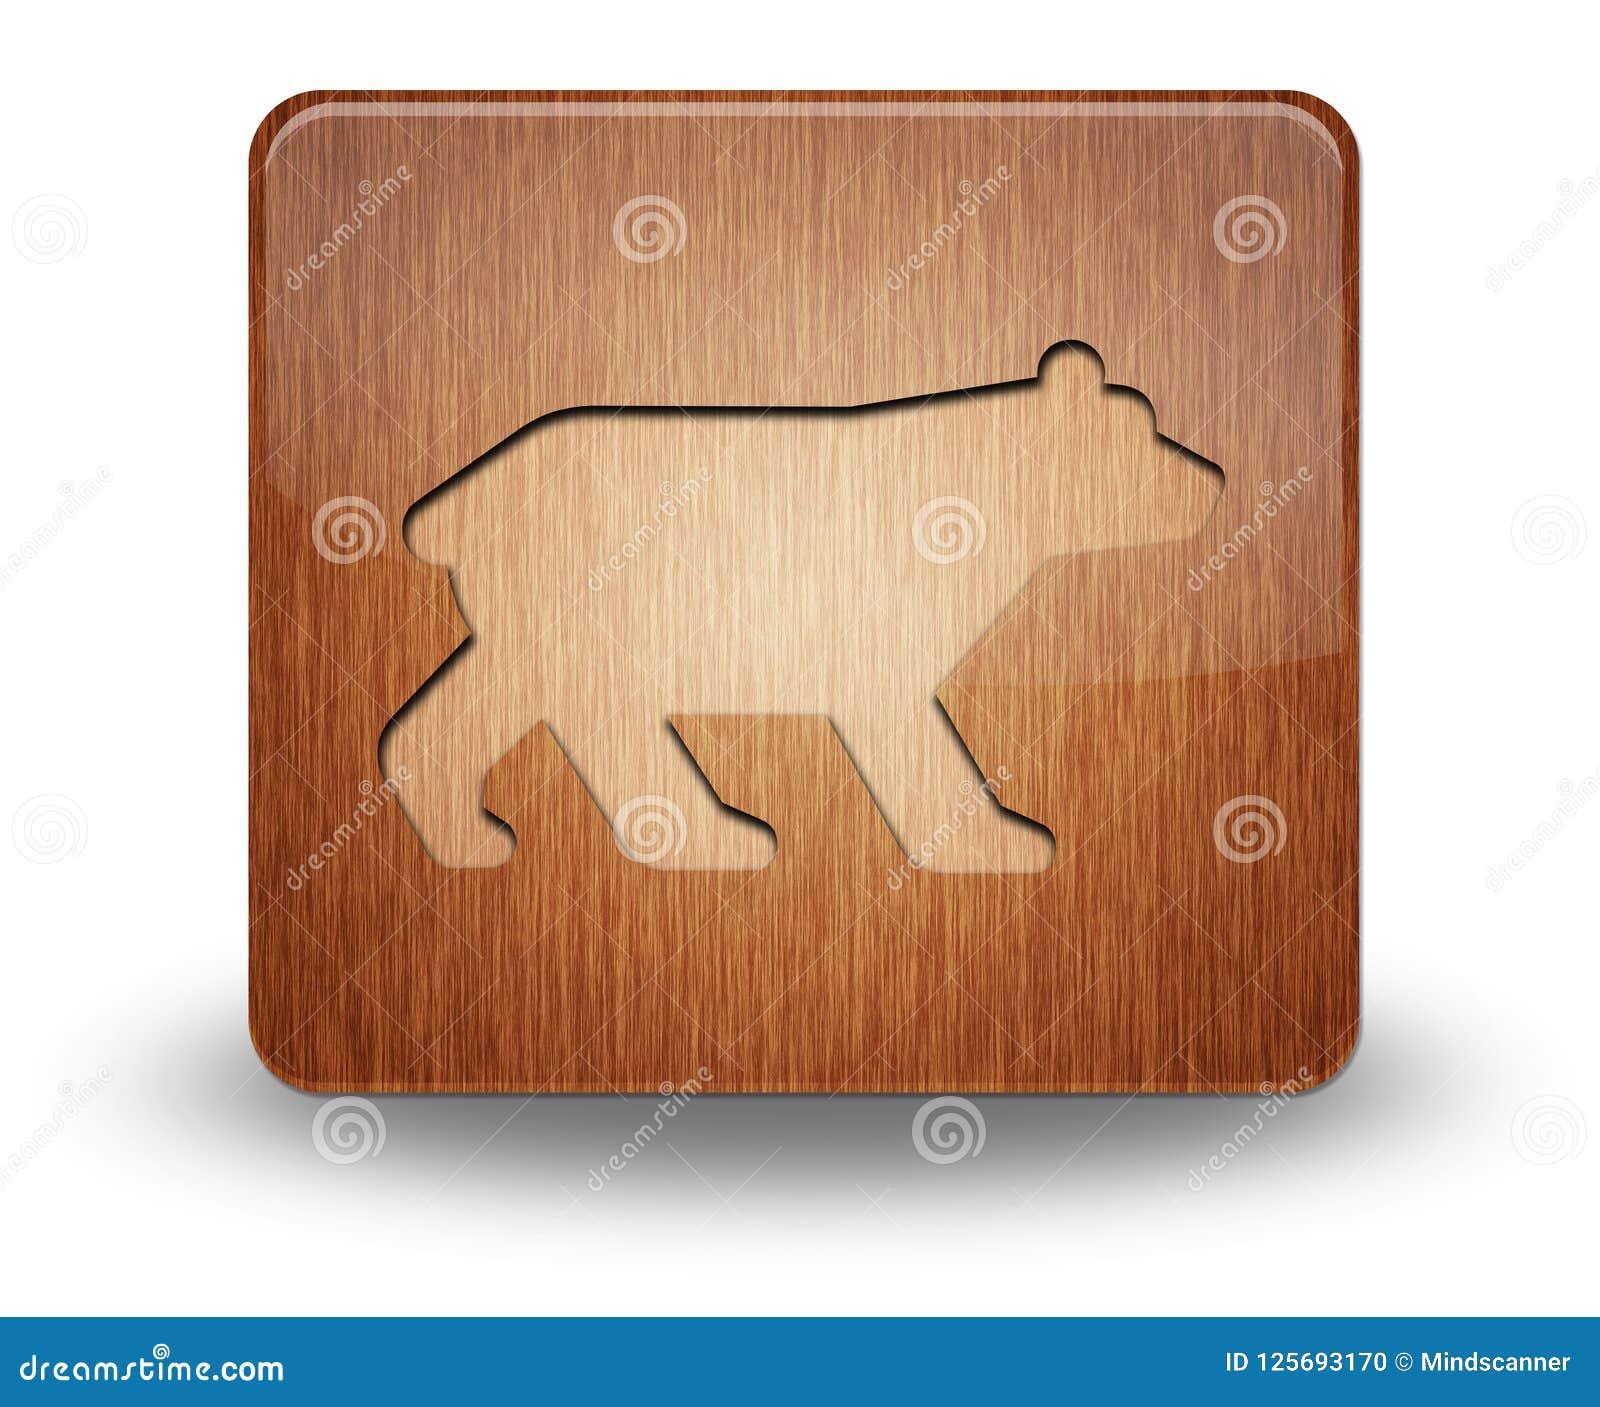 Значок, кнопка, медведь пиктограммы